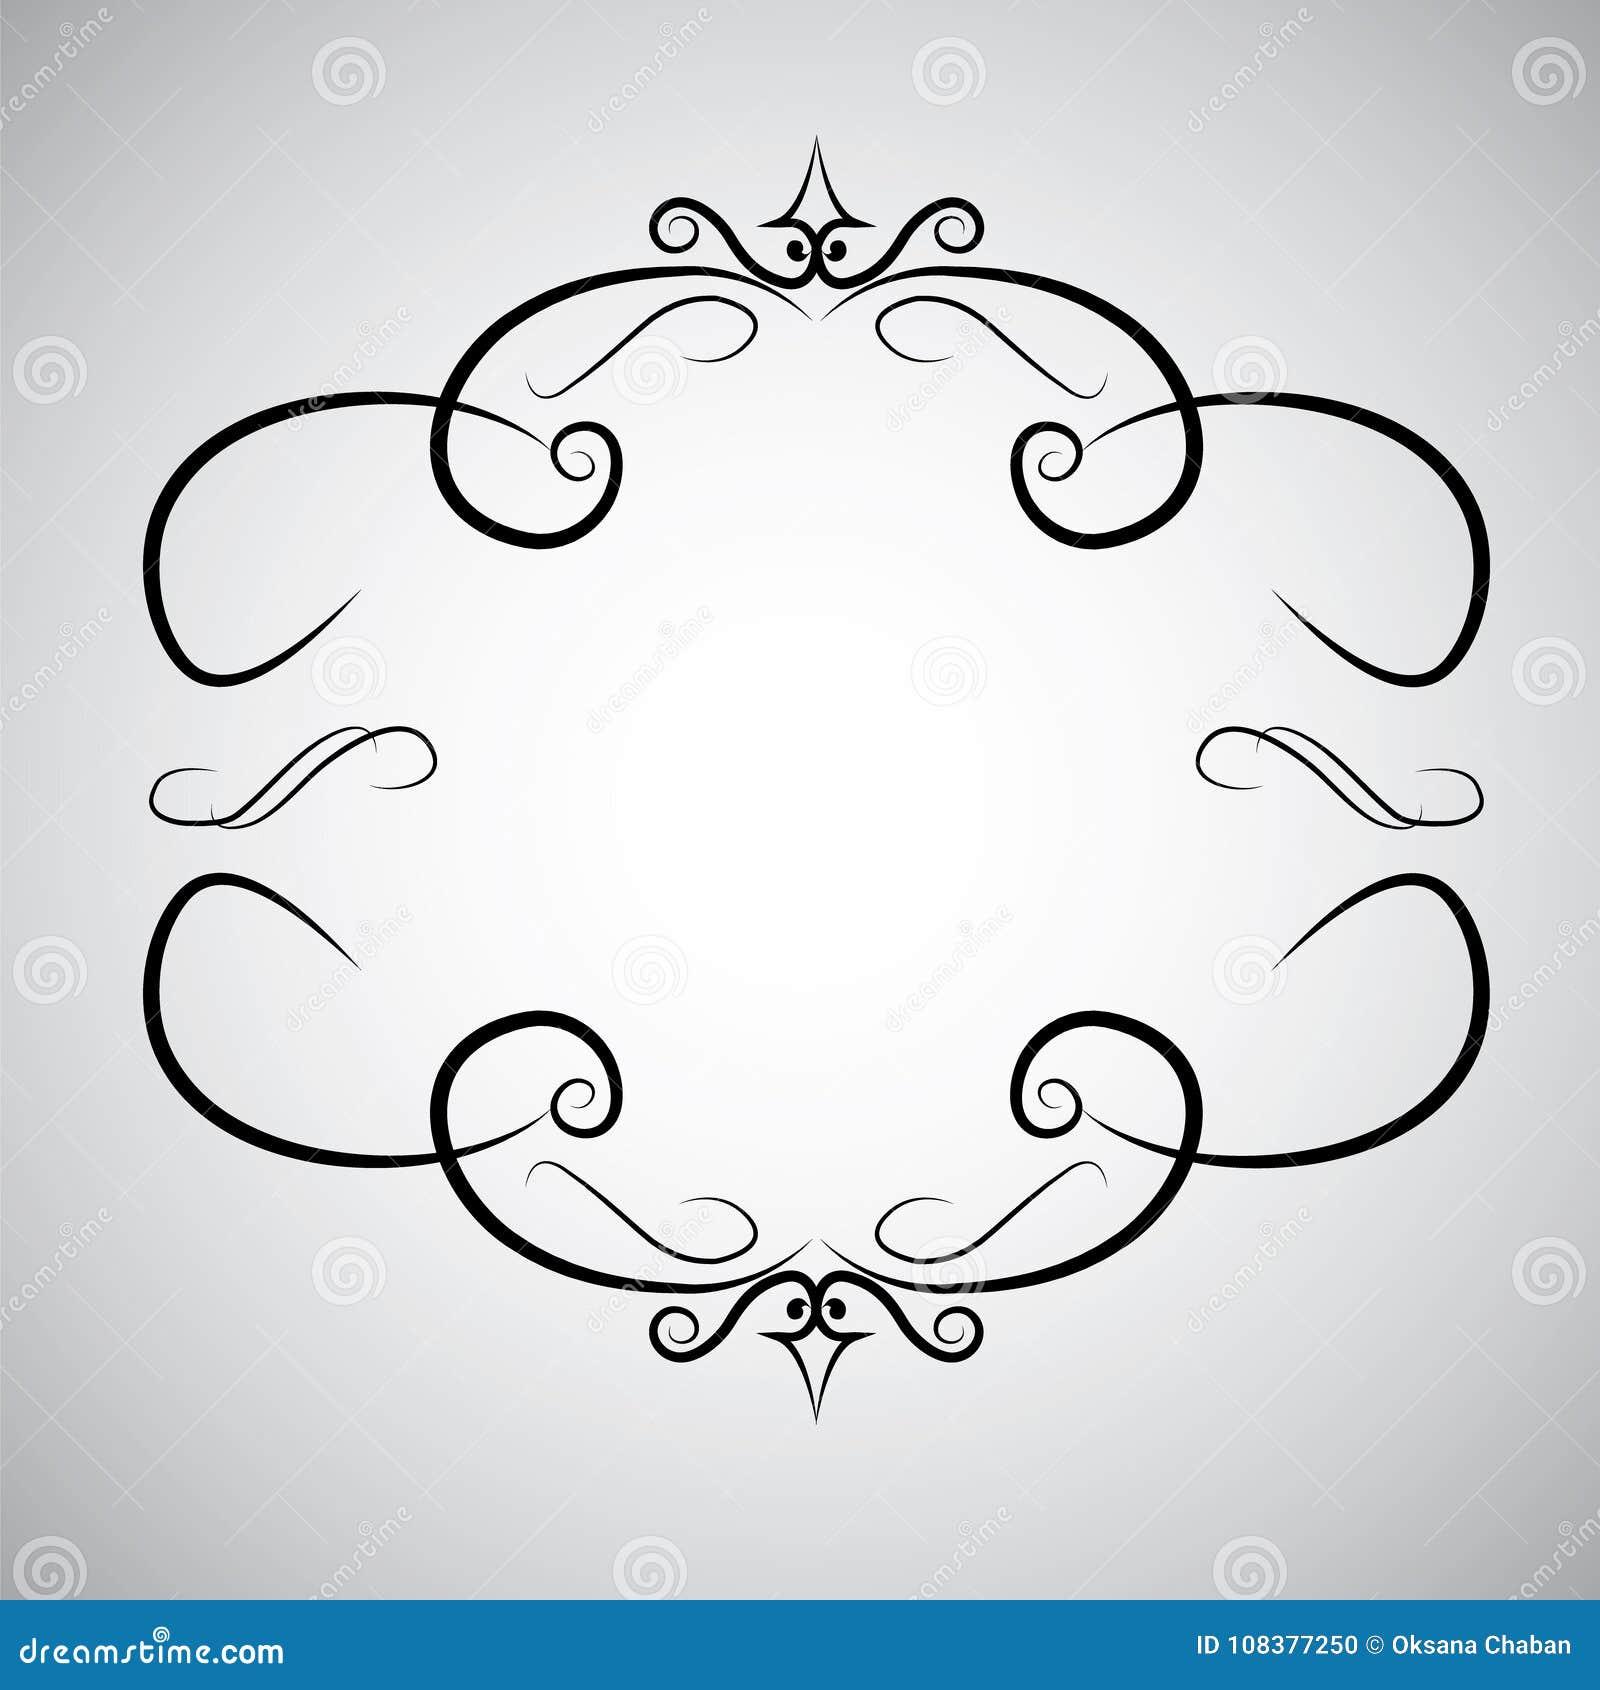 För ramsnirkel för tappning virvel för lövverk för acanthus för stil för barock för prydnad för gravyr modell för gräns blom- ret